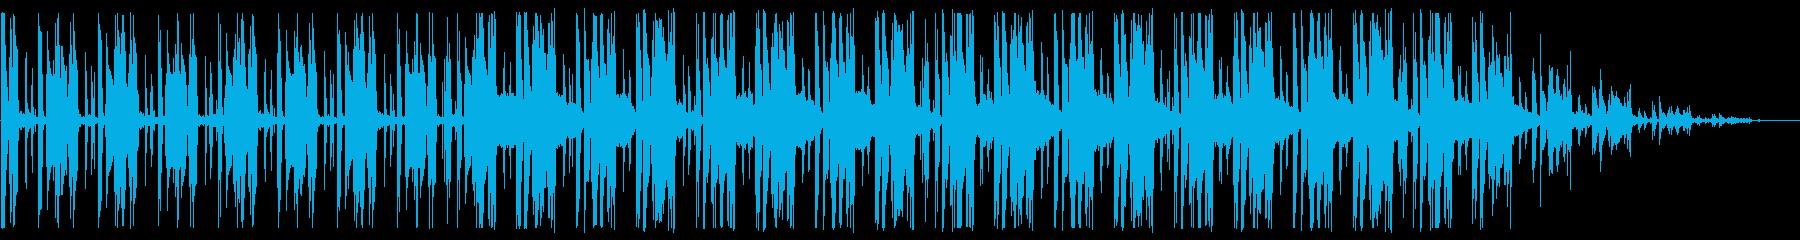 寂しげ/ヒップホップ_No476_3の再生済みの波形